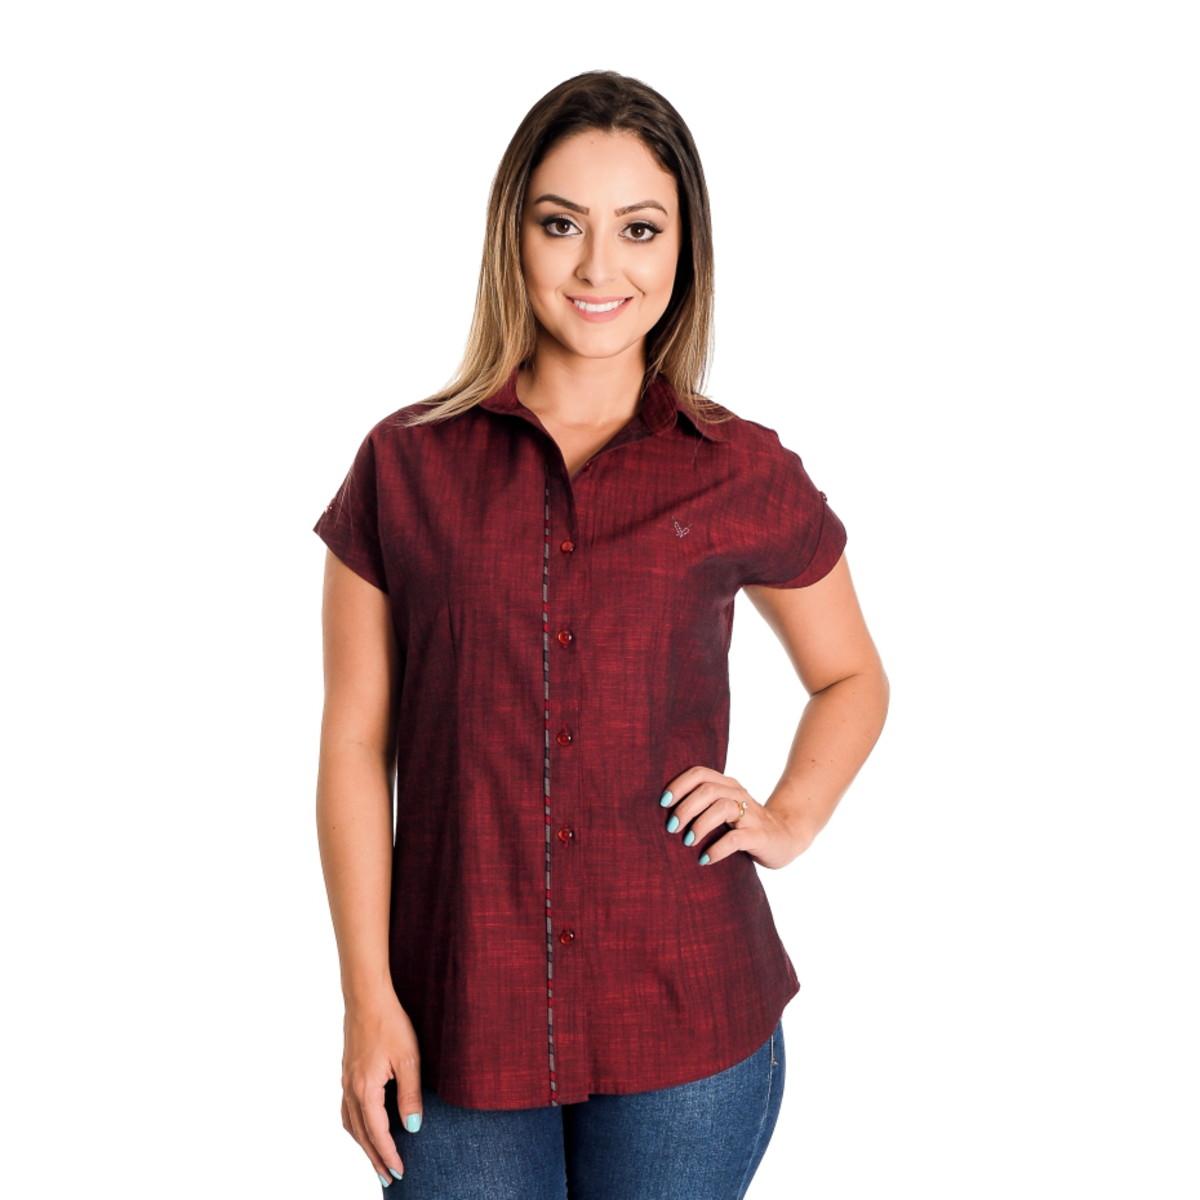 Camisa Feminina Alicia - Pimenta Rosada no Elo7  db530b931bf13